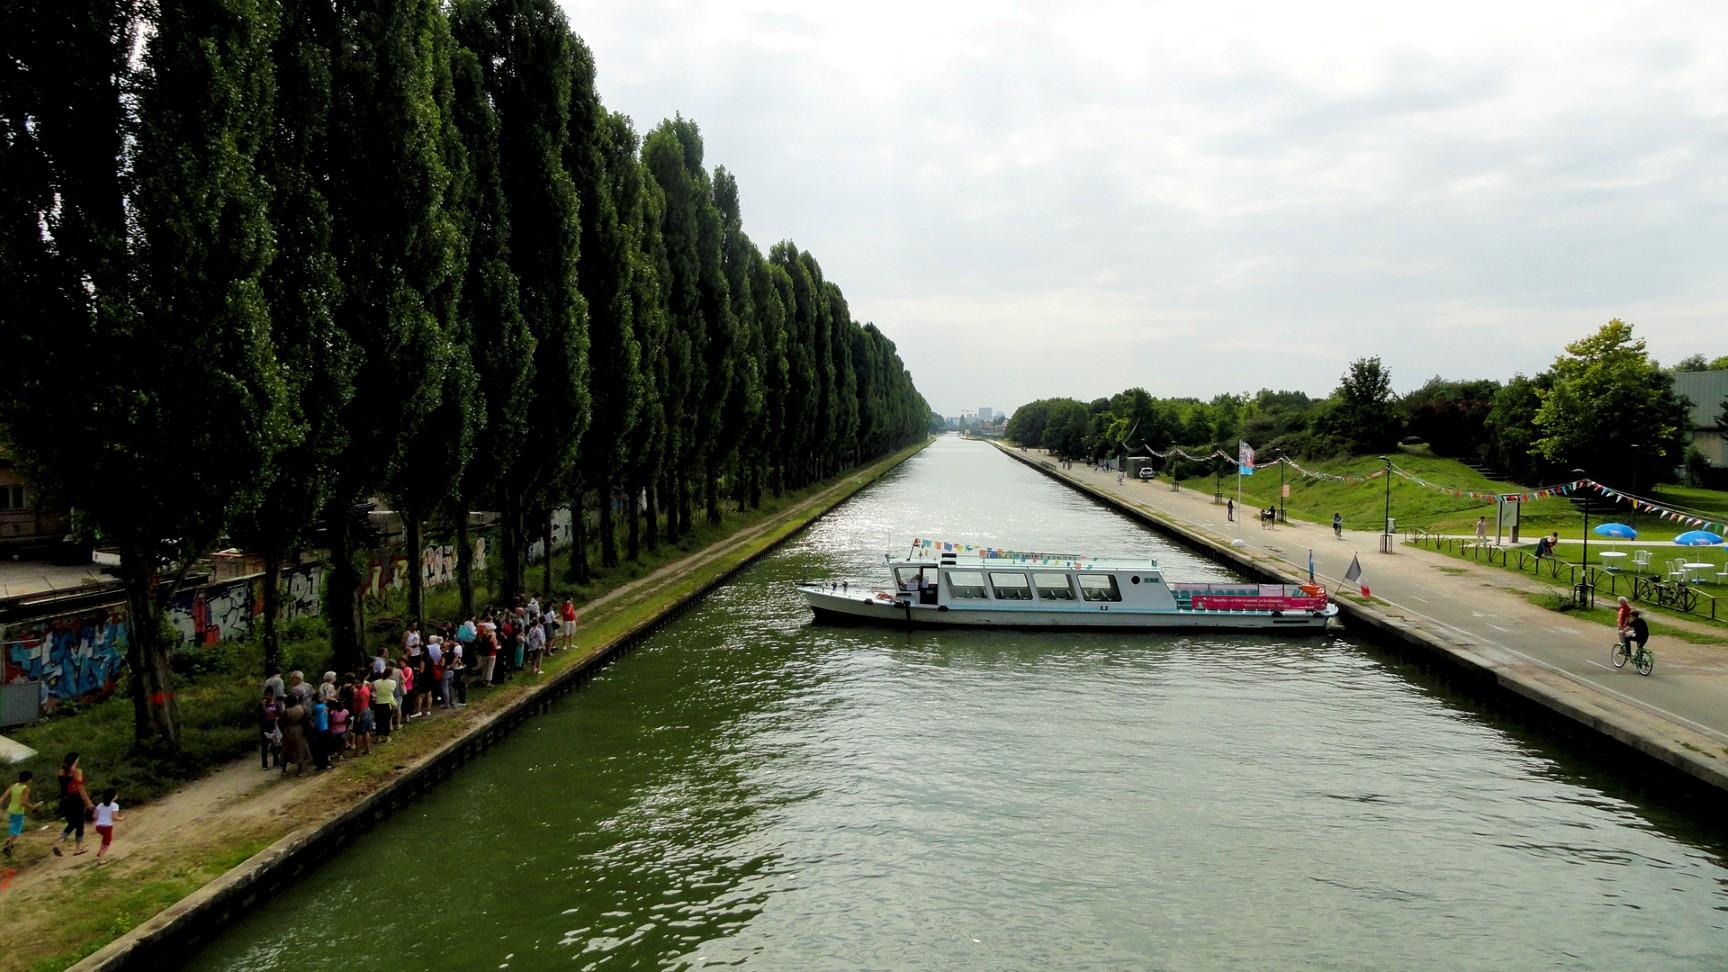 Canal de l'Ourcq - Depuis la passerelle de Bobigny